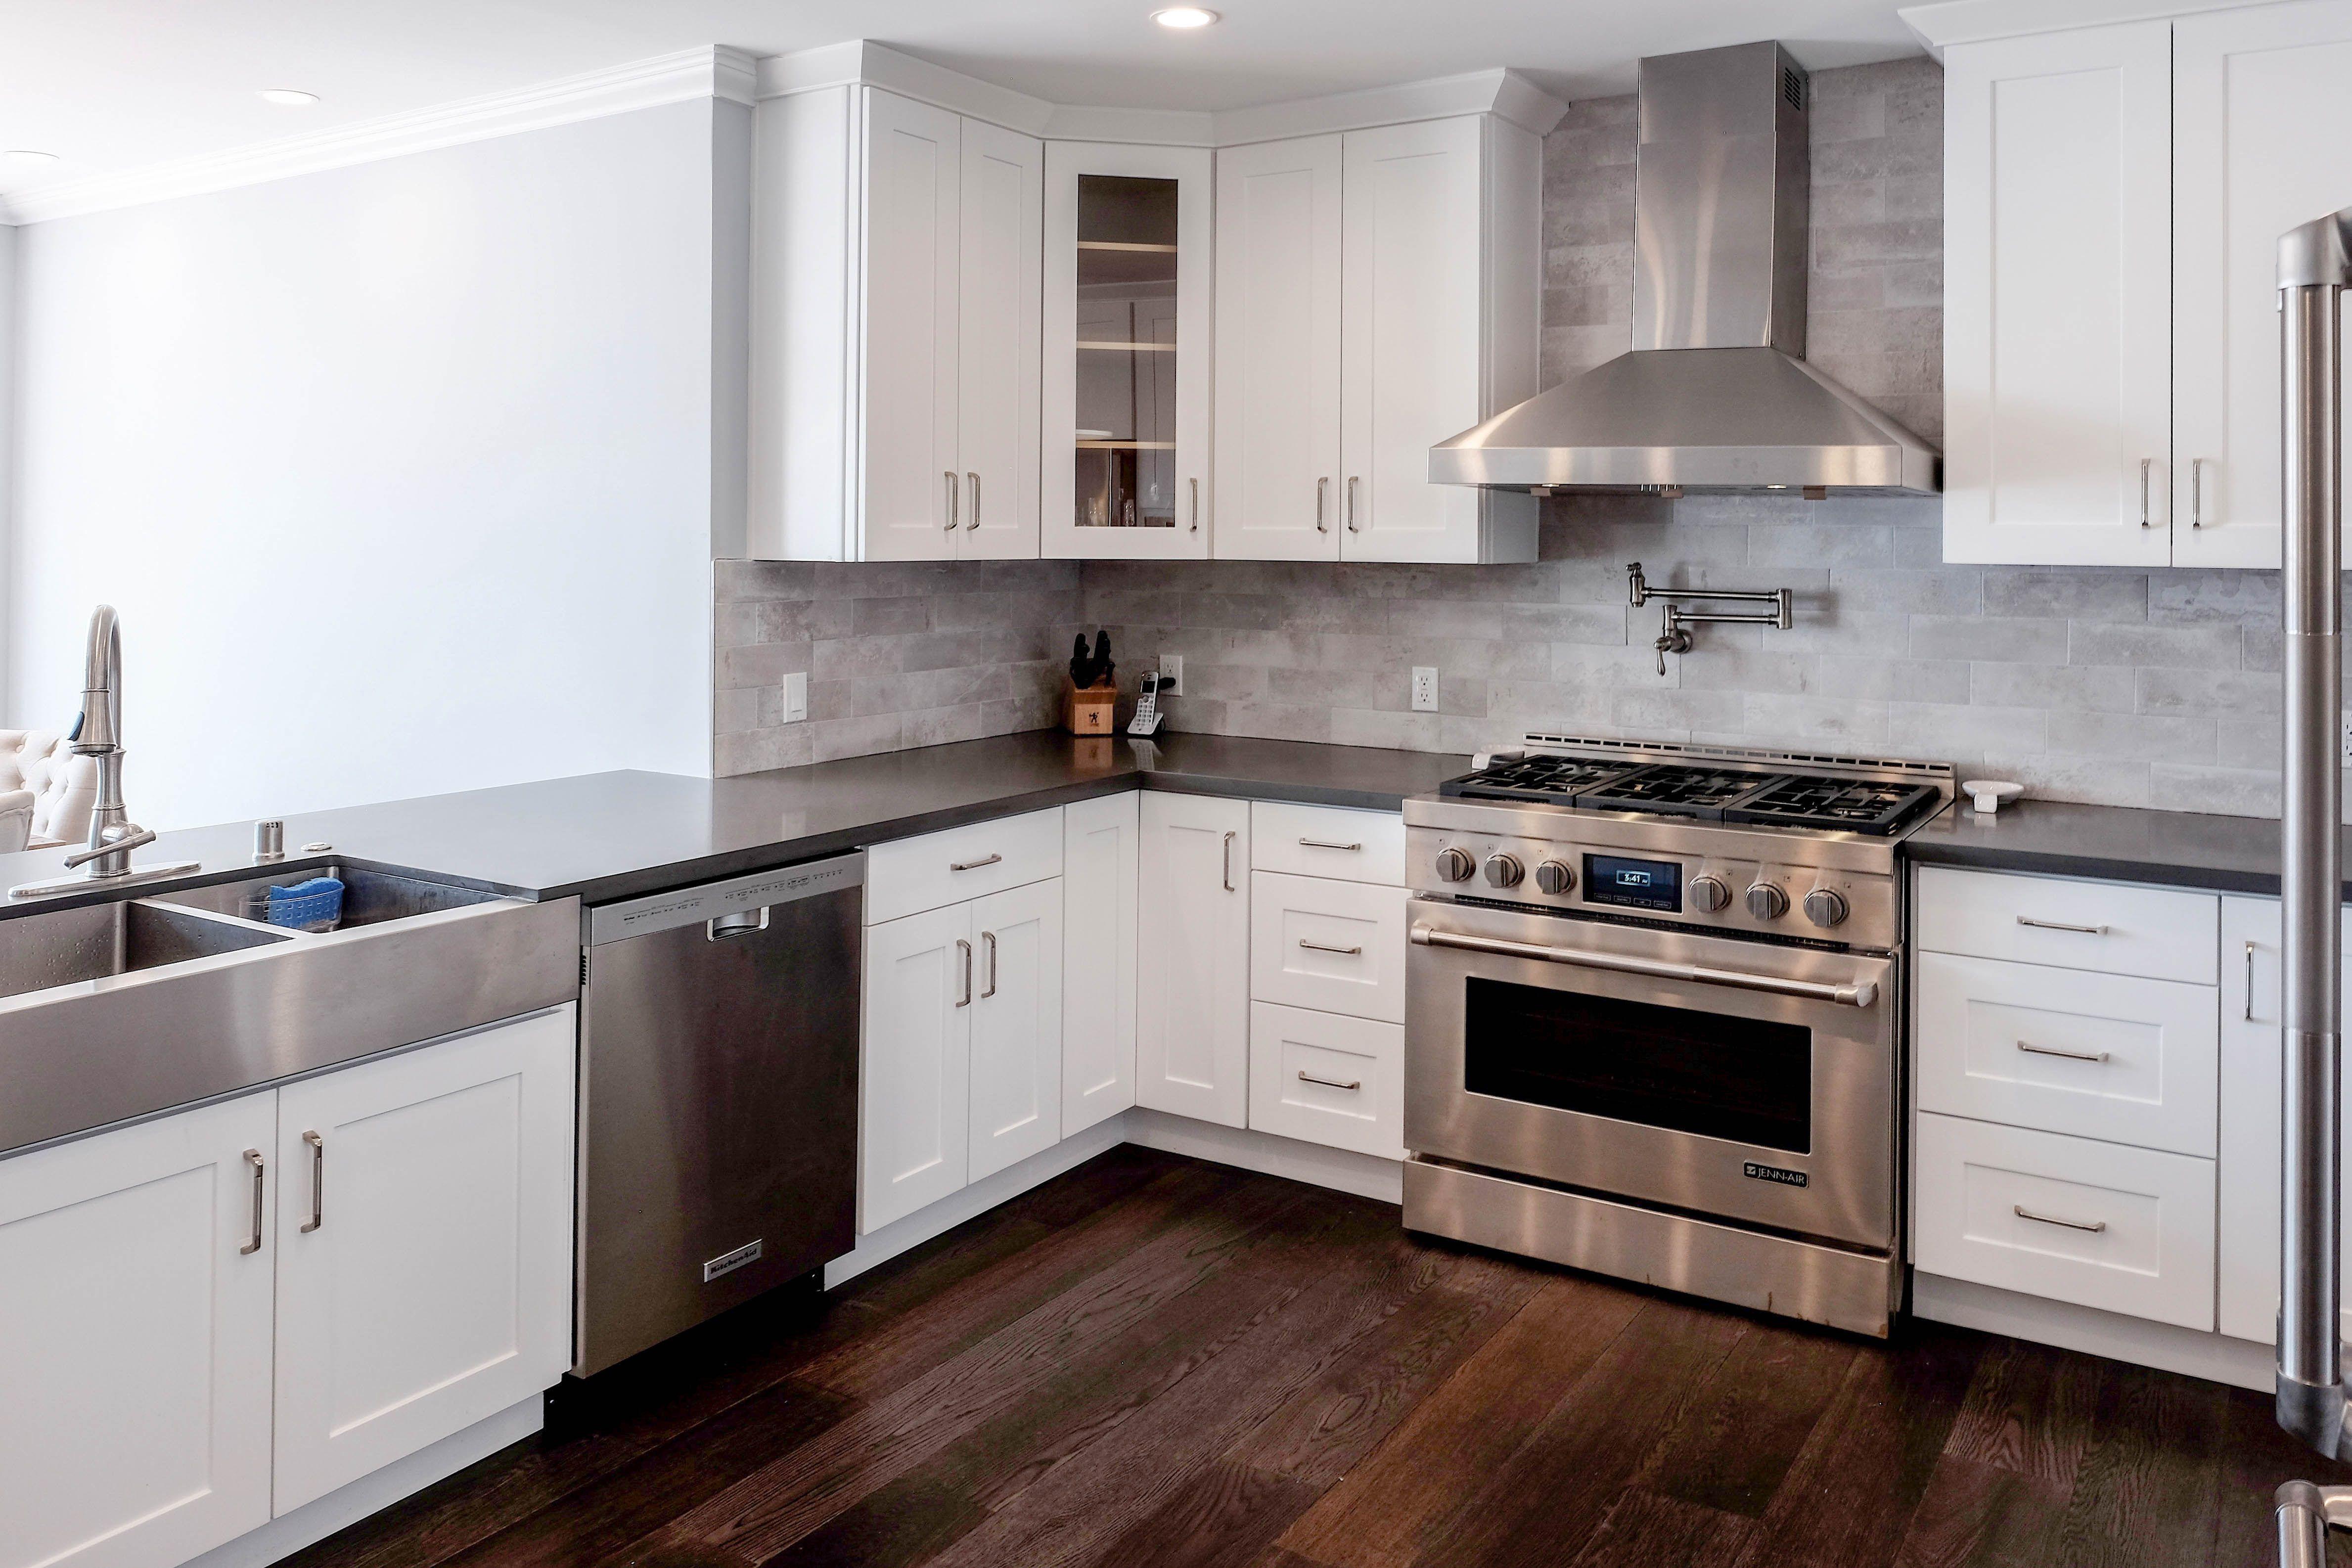 White Shaker By Cabinet City Kitchen White Shaker Interiors Kitchendesign Whitekitchen Kitchen Design Kitchen Redo Home Kitchens